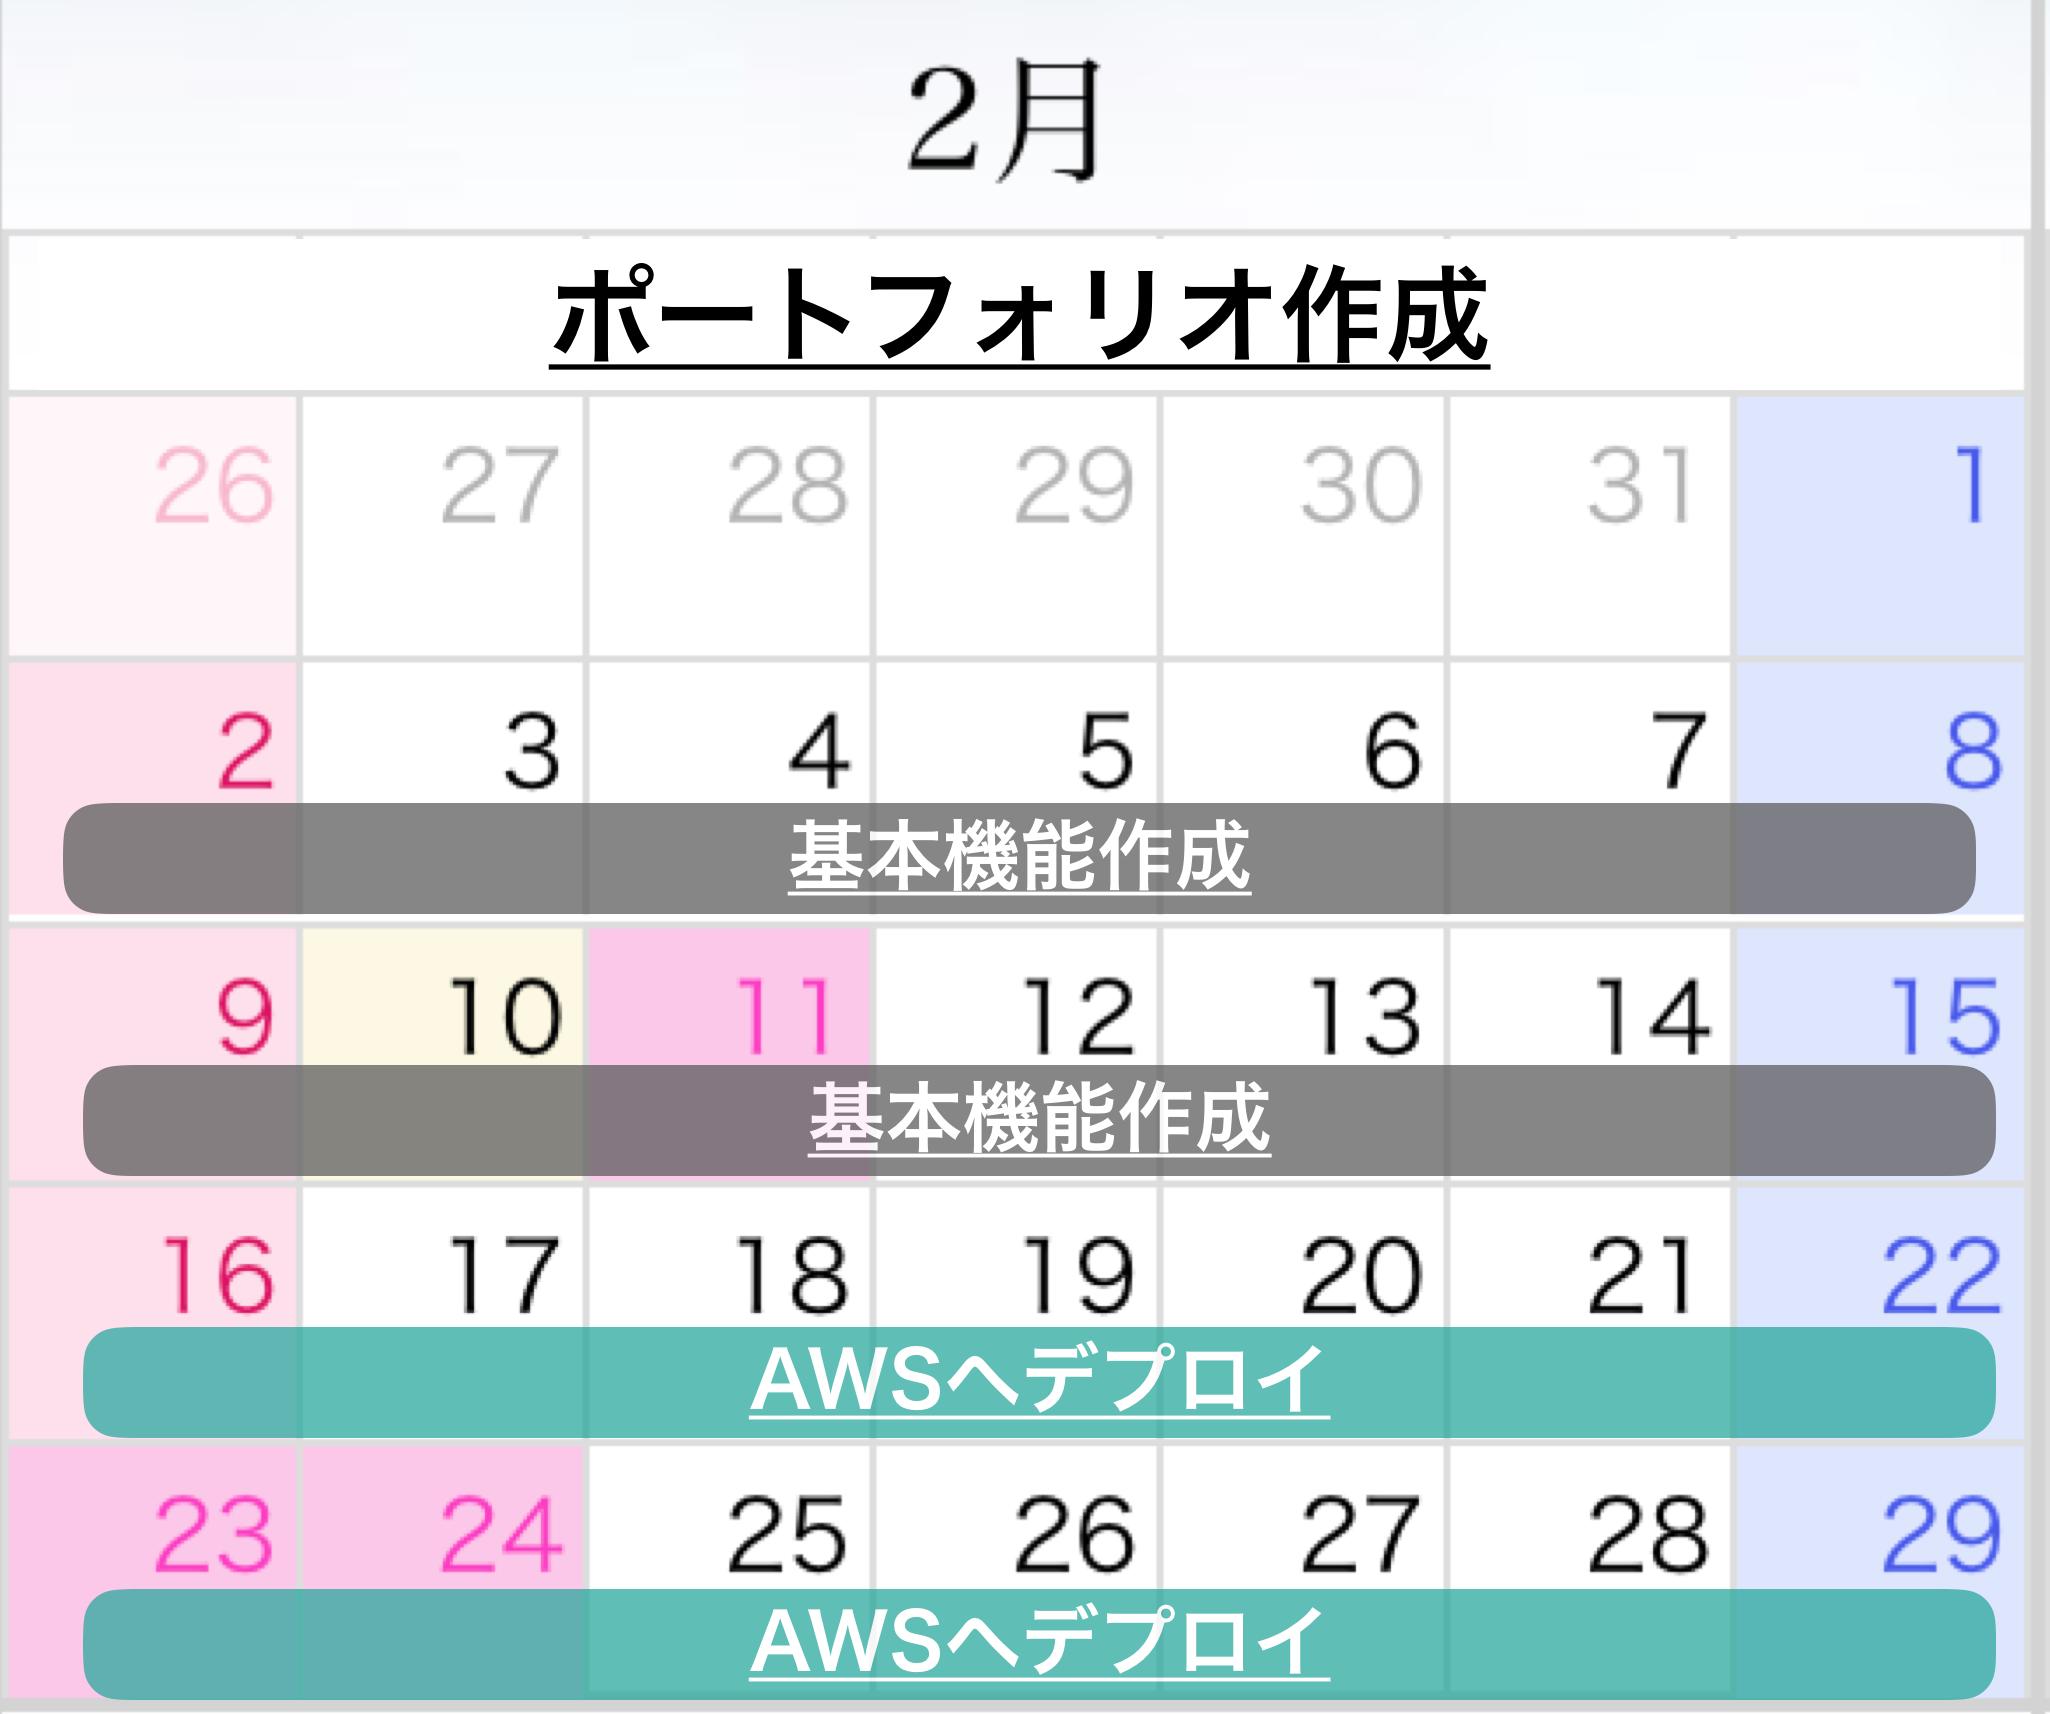 スクリーンショット 2020-02-10 21.09.49.png